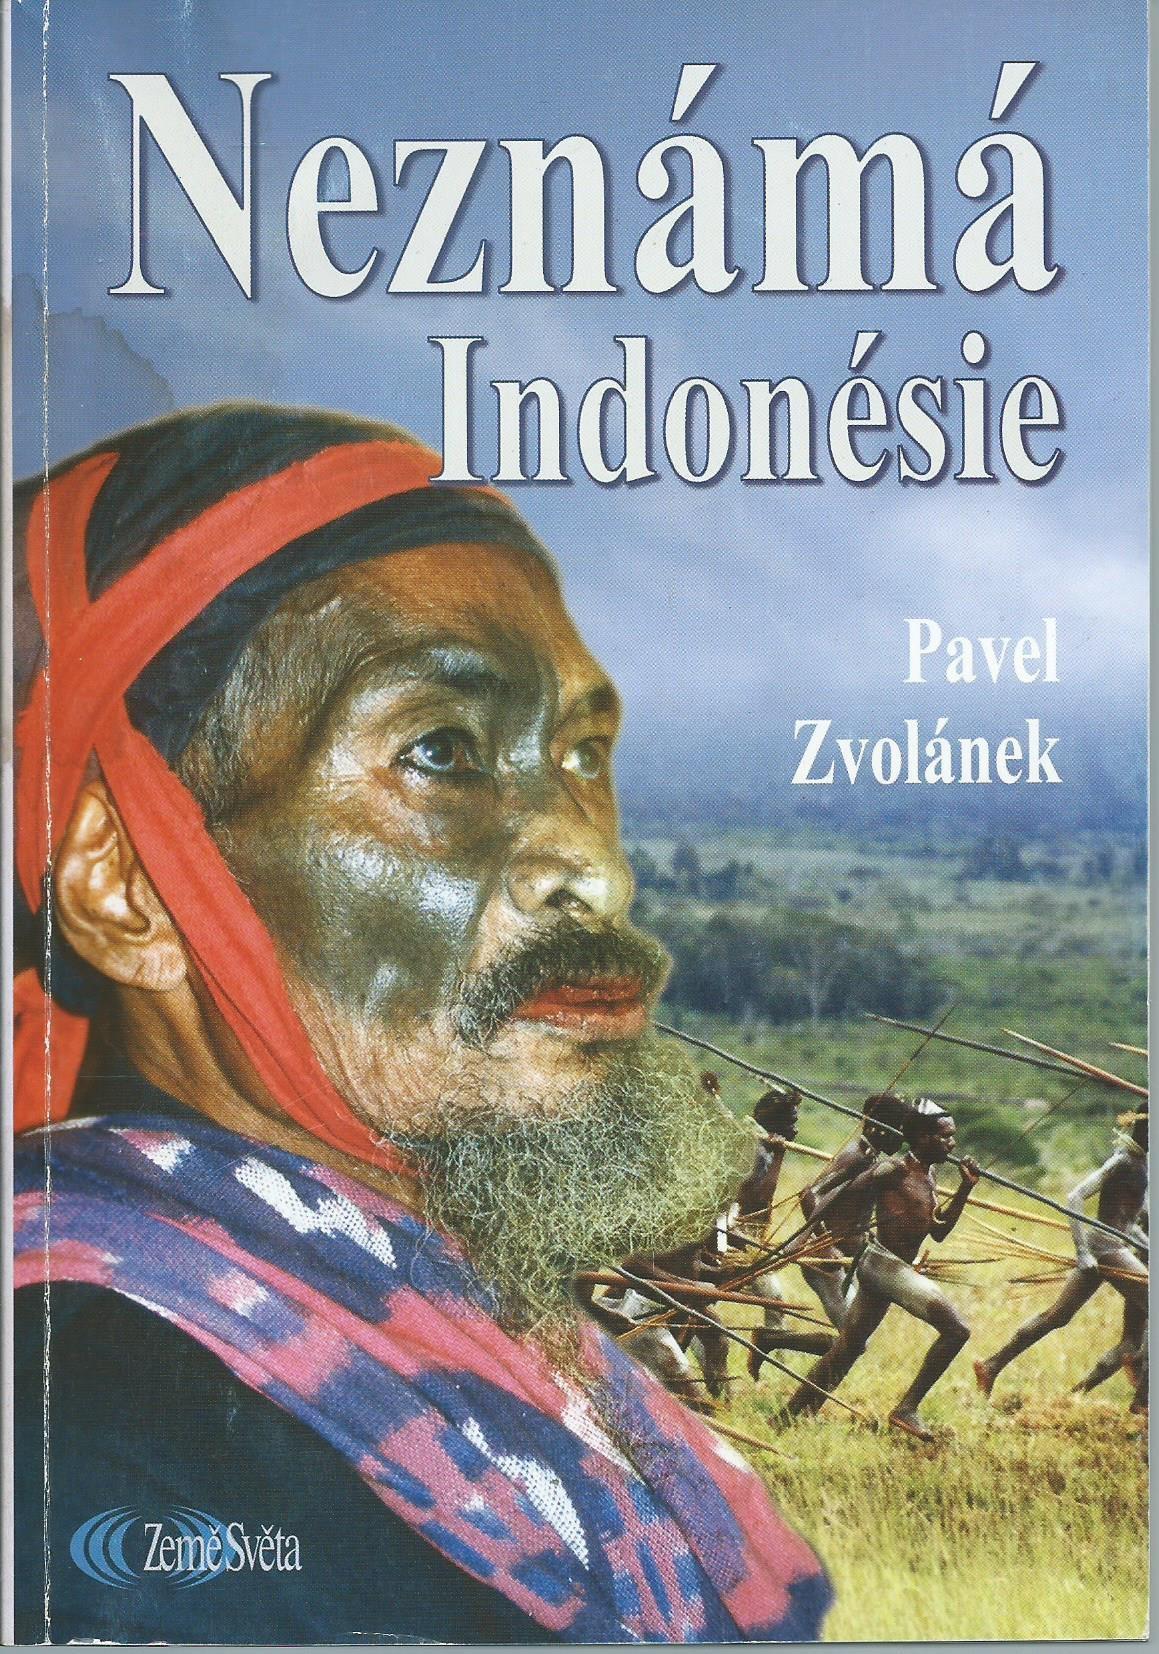 Neznámá Indonésie - Pavel Zvolánek (s podpisem autora)